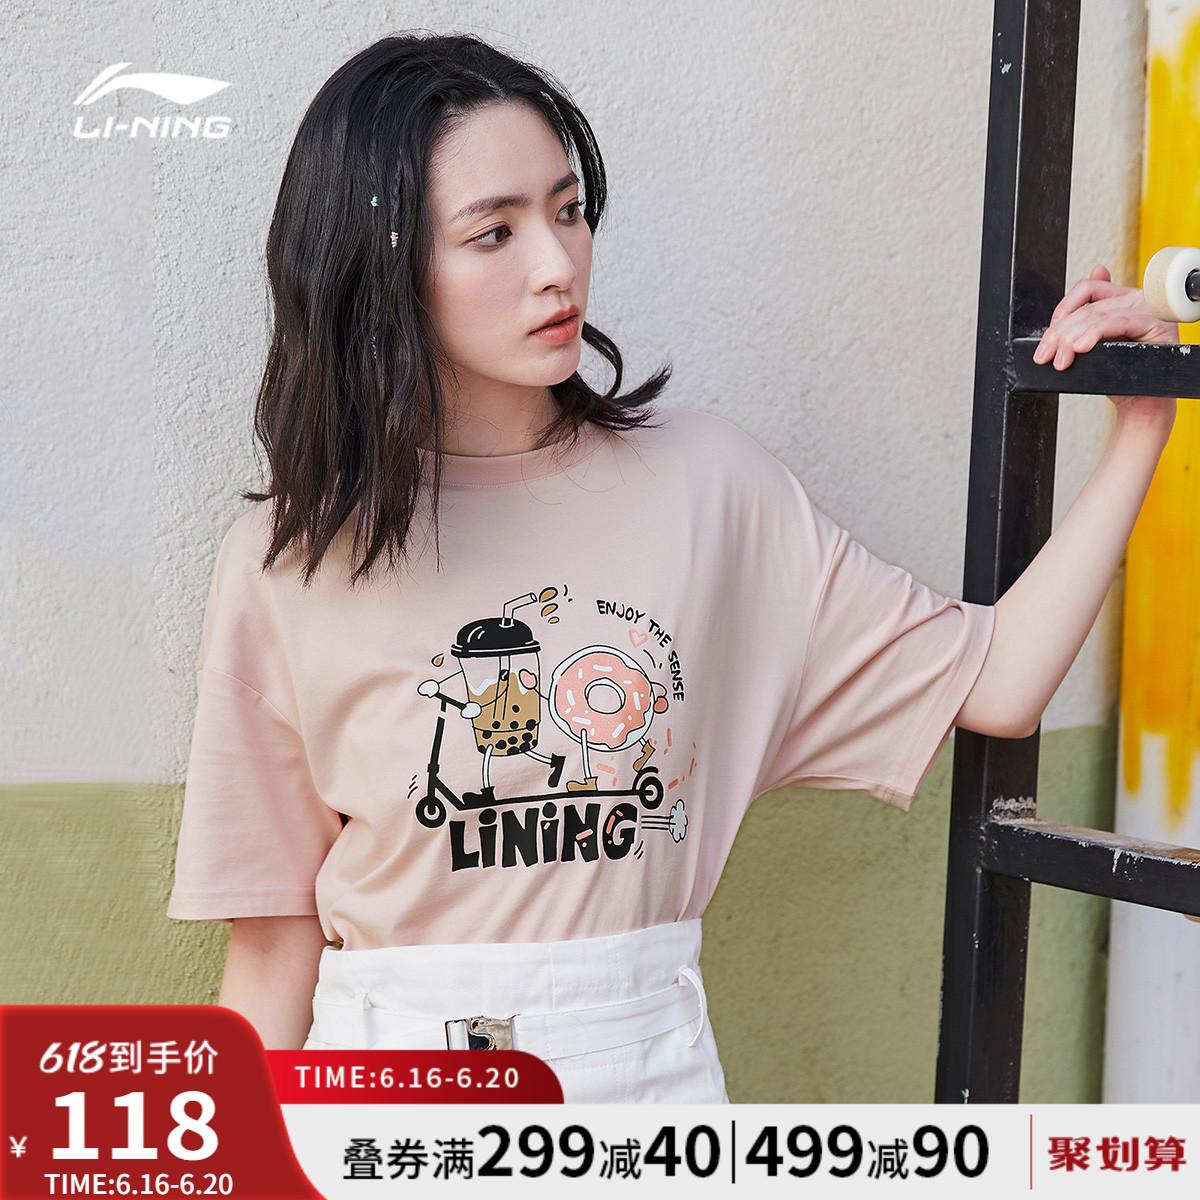 李宁短袖女2021夏季新款印花休闲T恤涂鸦圆领女装宽松运动上衣女